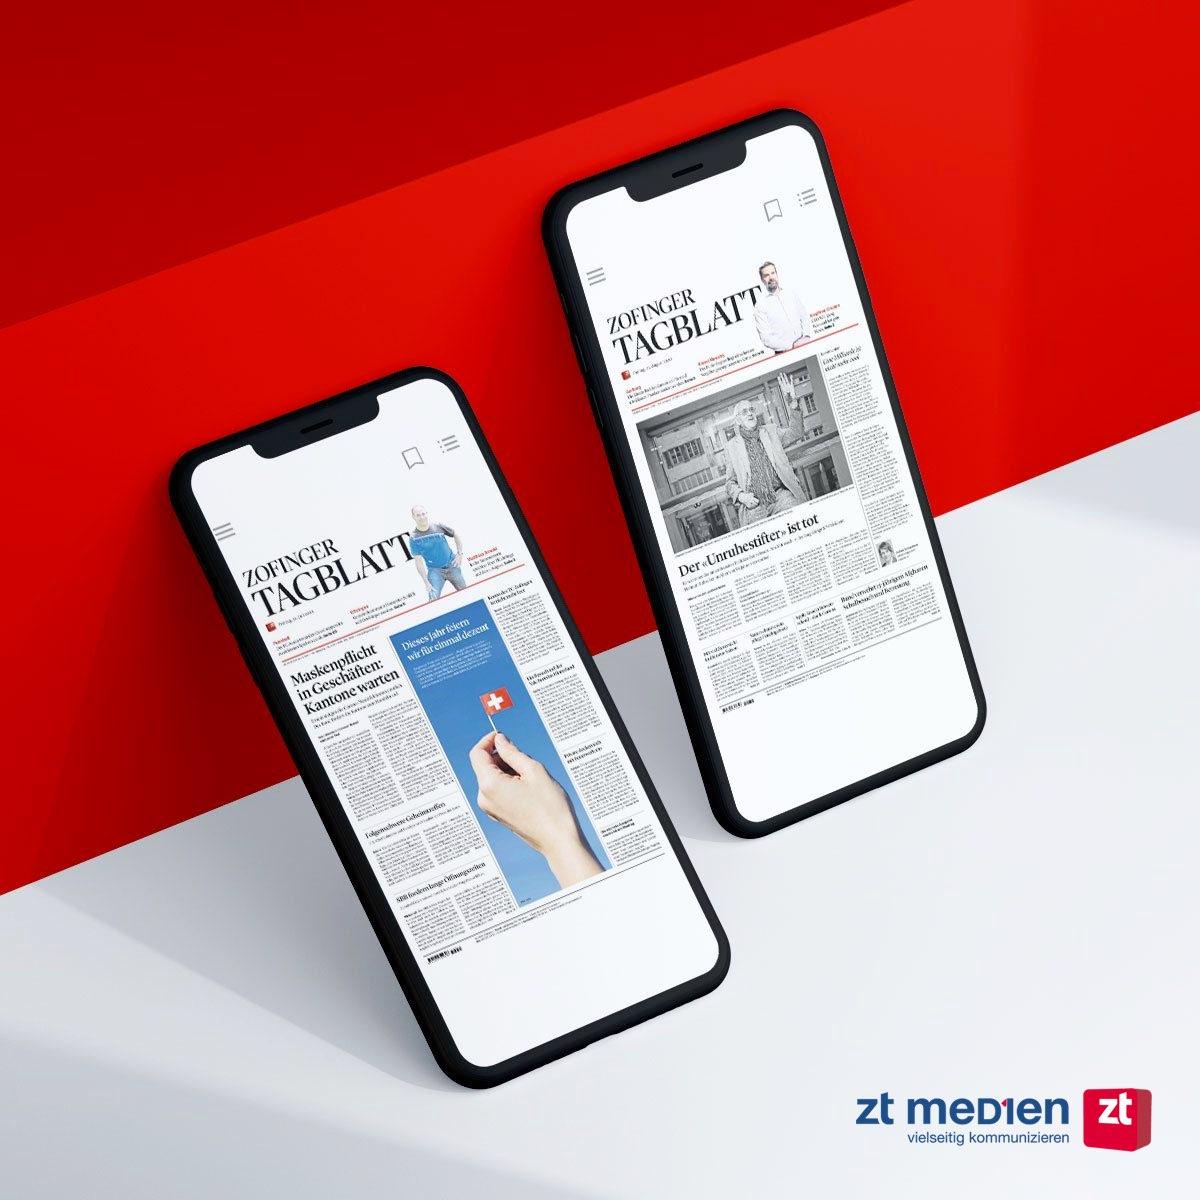 Die Zofinger Tagblatt ePaper App von SPRYLAB